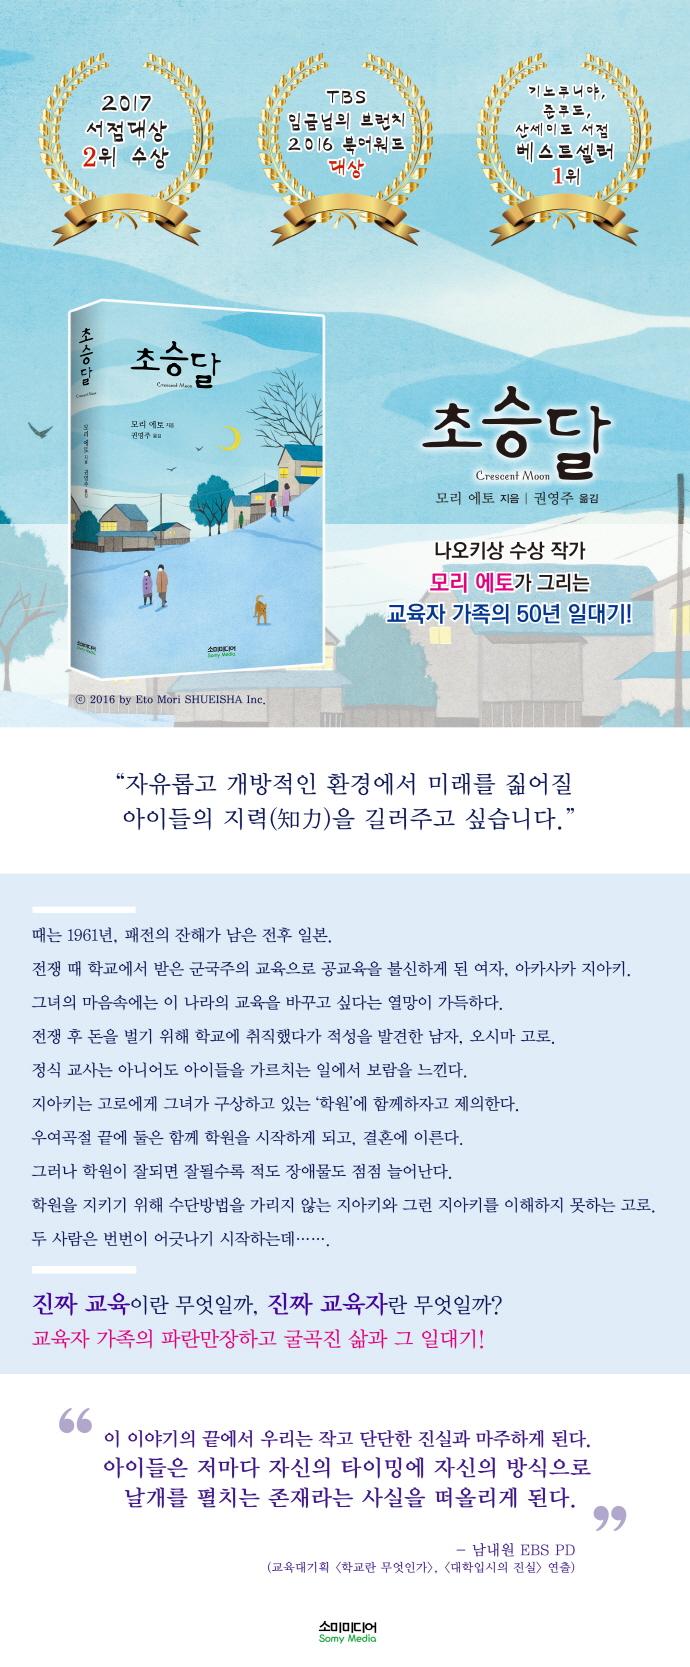 초승달(양장본 HardCover) 도서 상세이미지